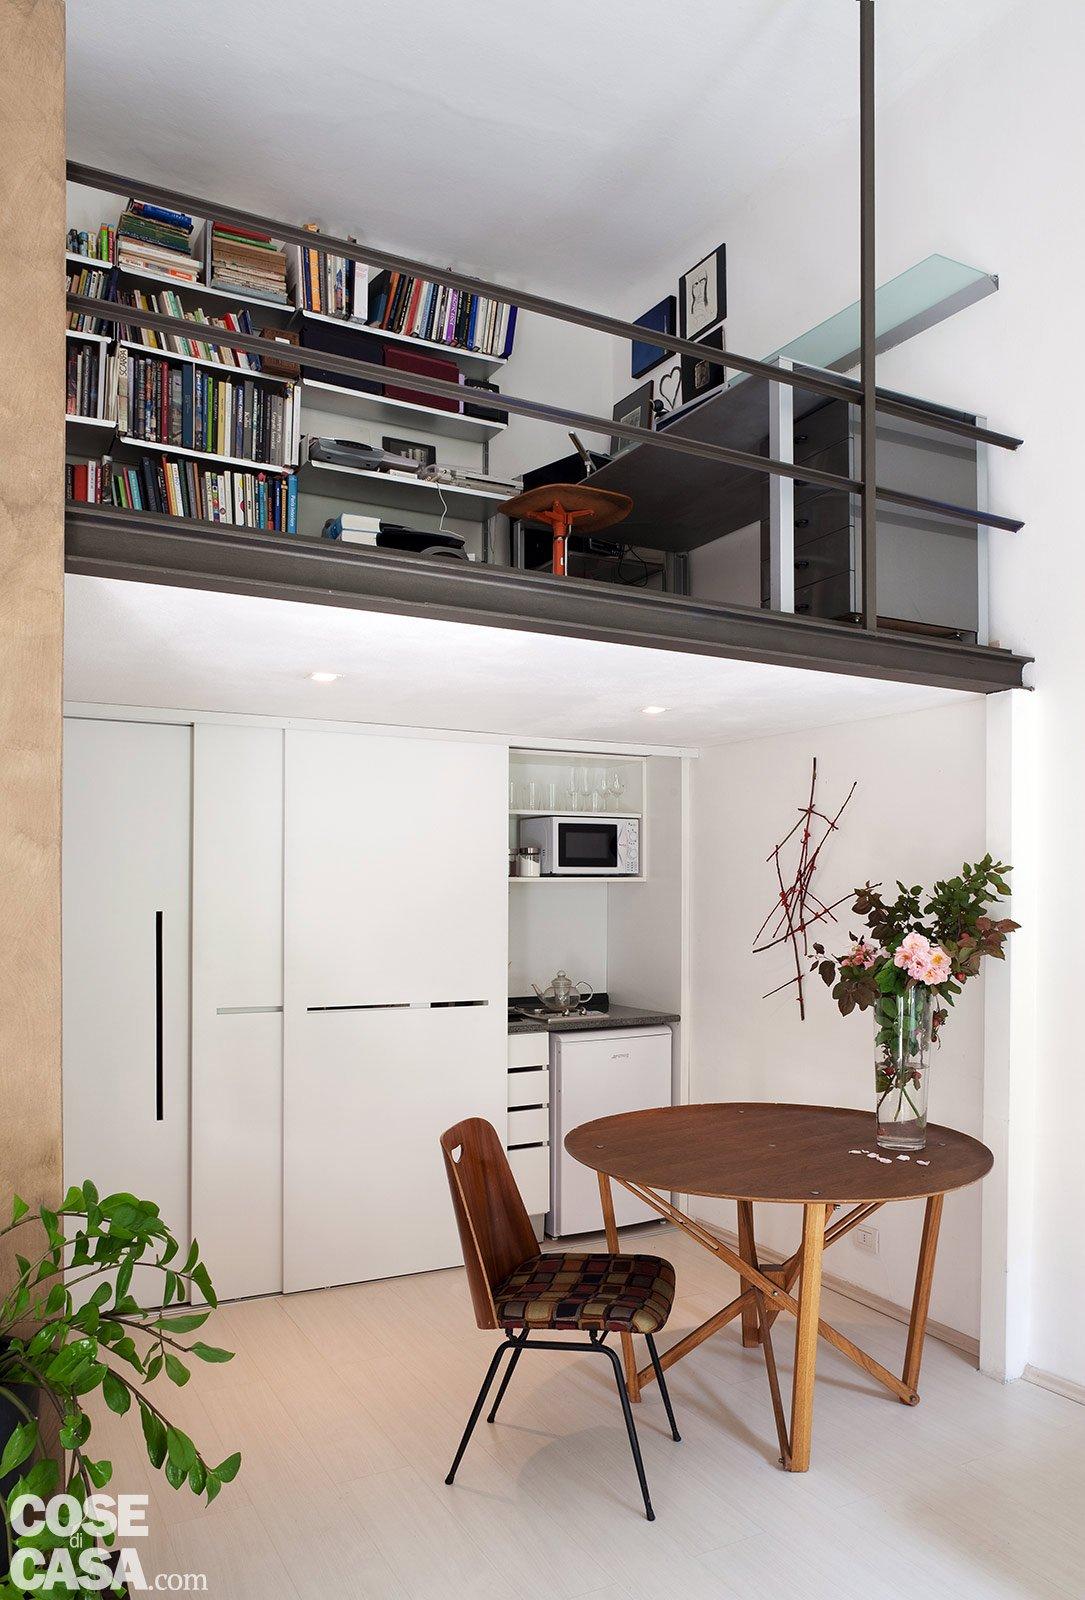 Monolocale una casa di 30 mq risolta al centimetro cose for Casa di 1200 metri quadrati